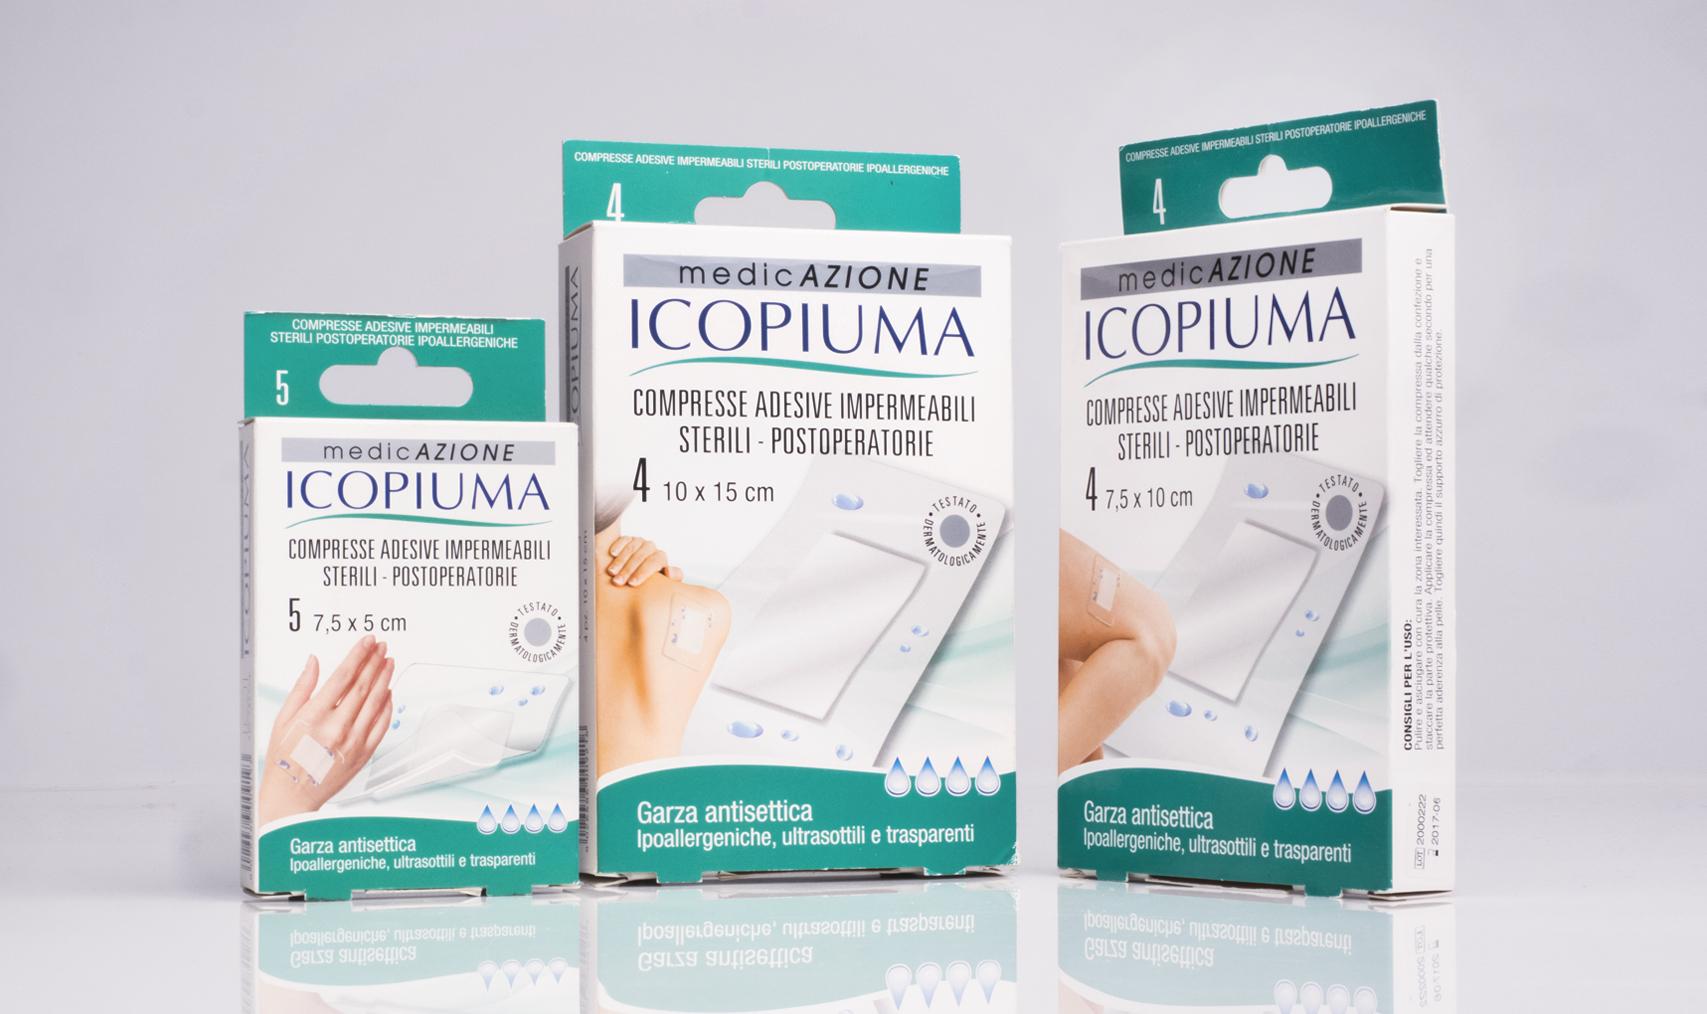 Icopiuma medicazione